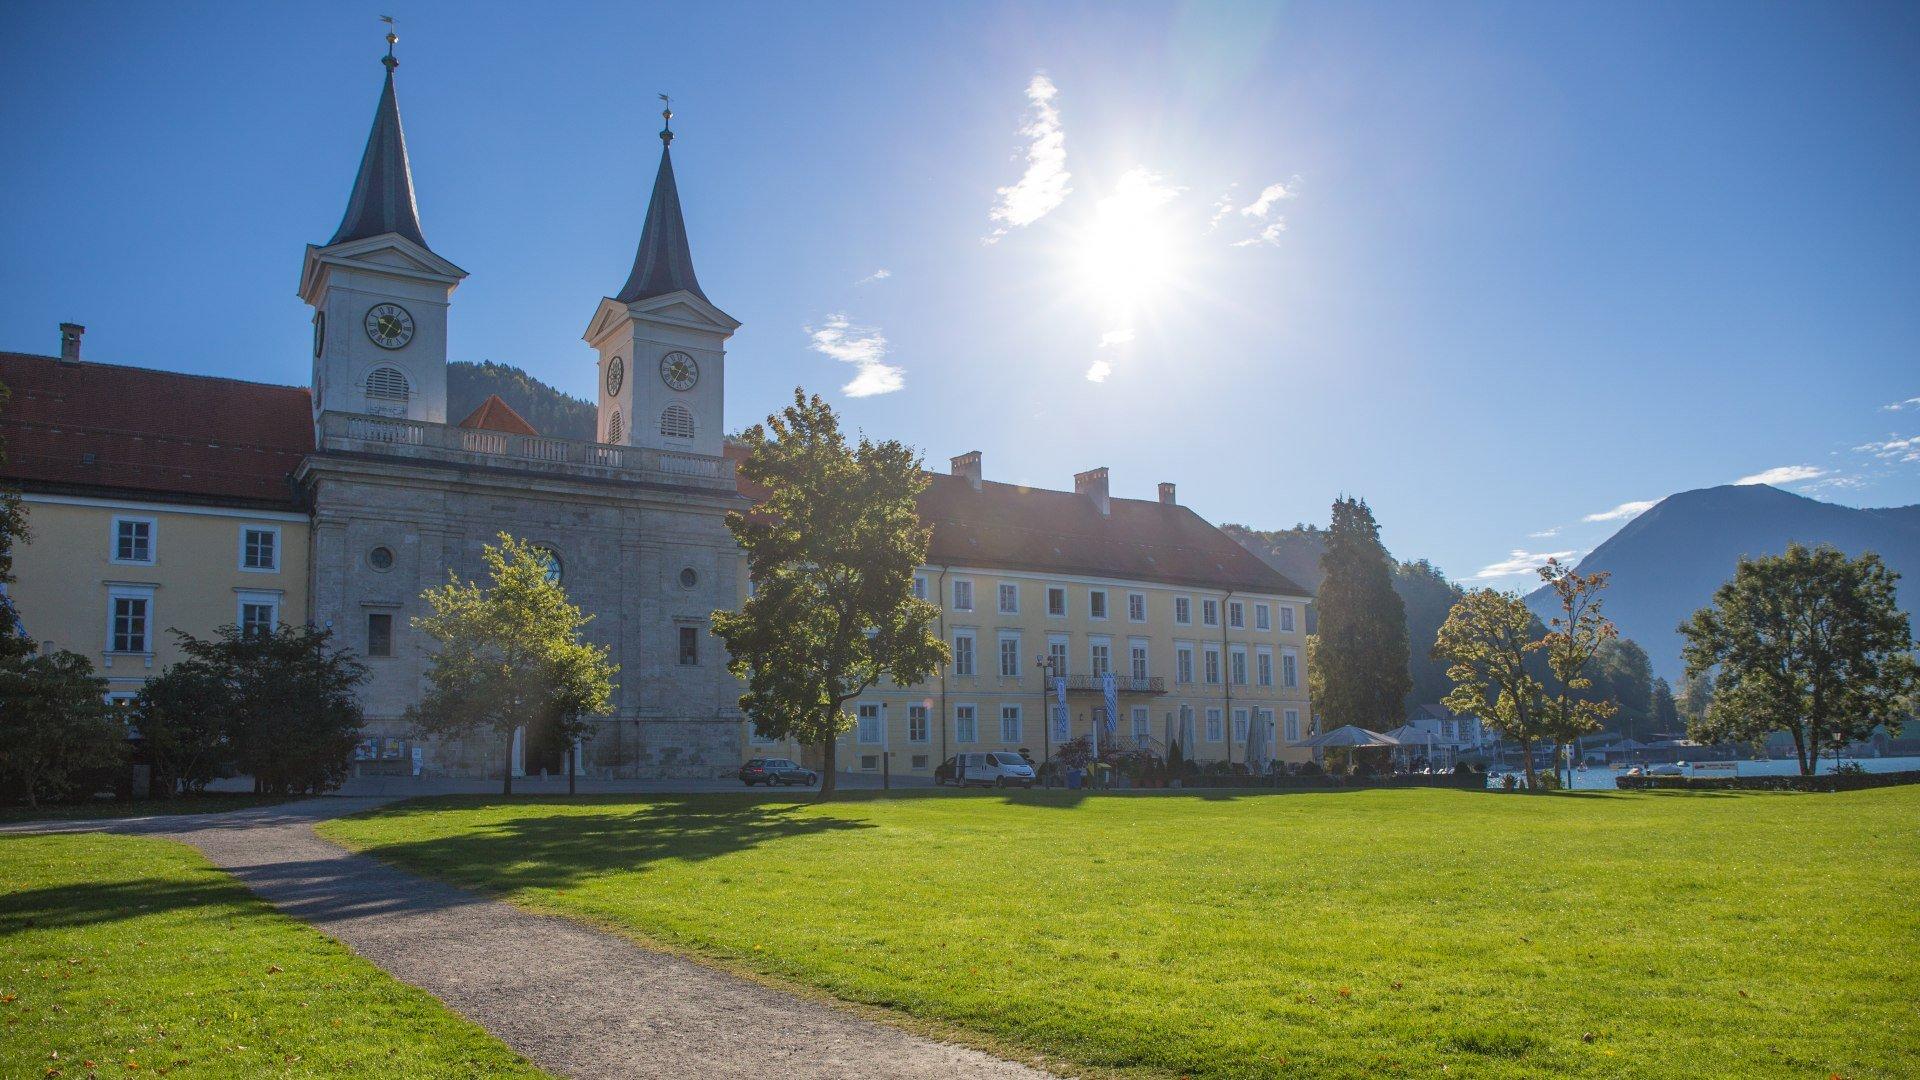 Die Kirche des ehemaligen Kloster Tegernsee, © Christoph Schempershofe